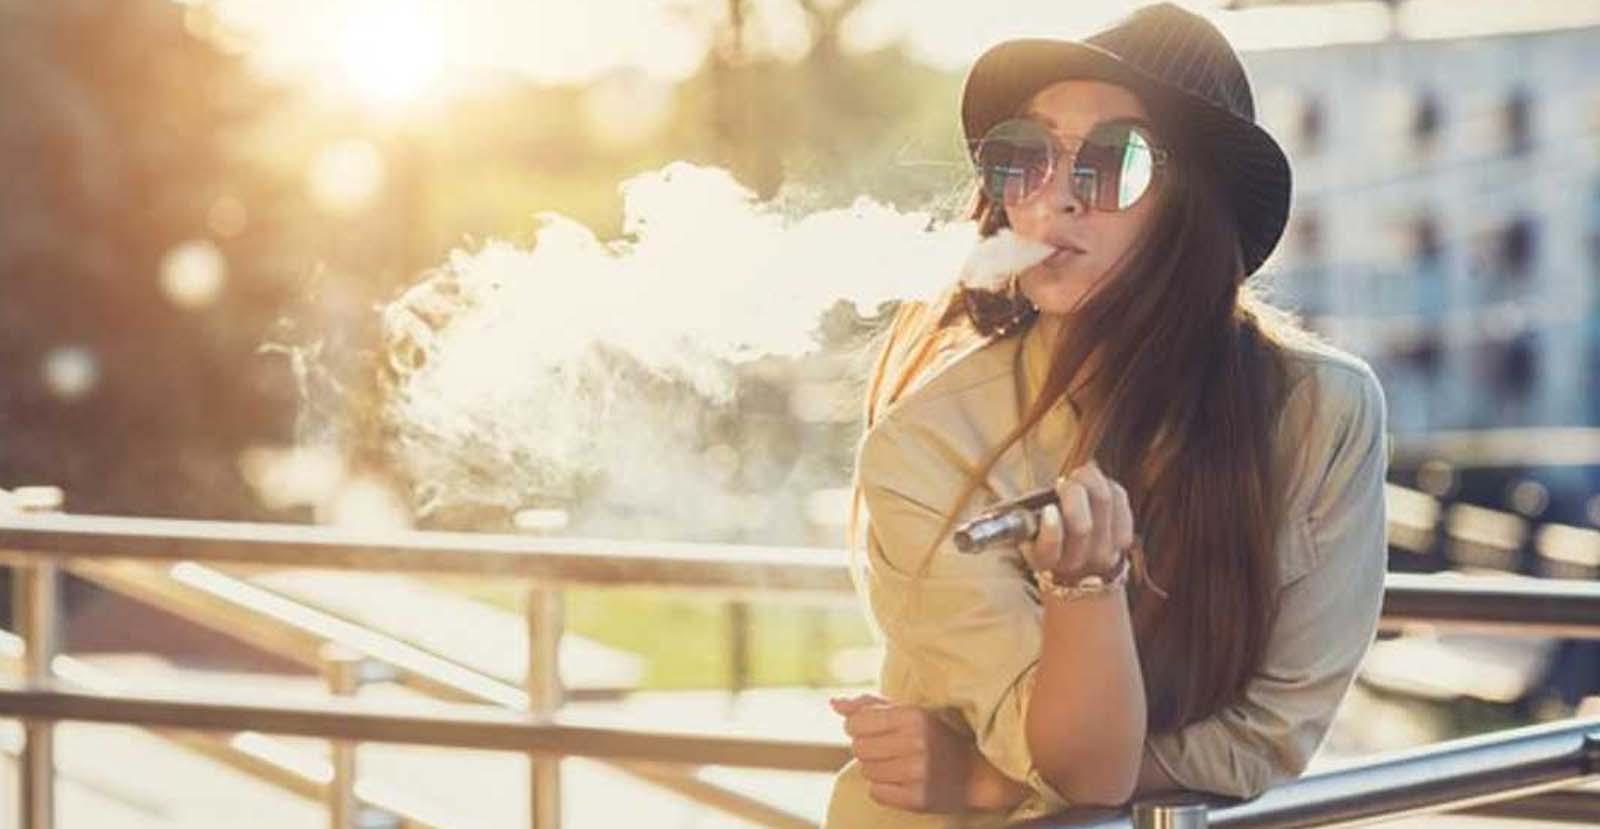 Liquido base per sigaretta elettronica San Cristoforo Milano - ✅ per svapare in tranquillità prodotti di qualità scegli chi da anni è nel mondo dello svapo!